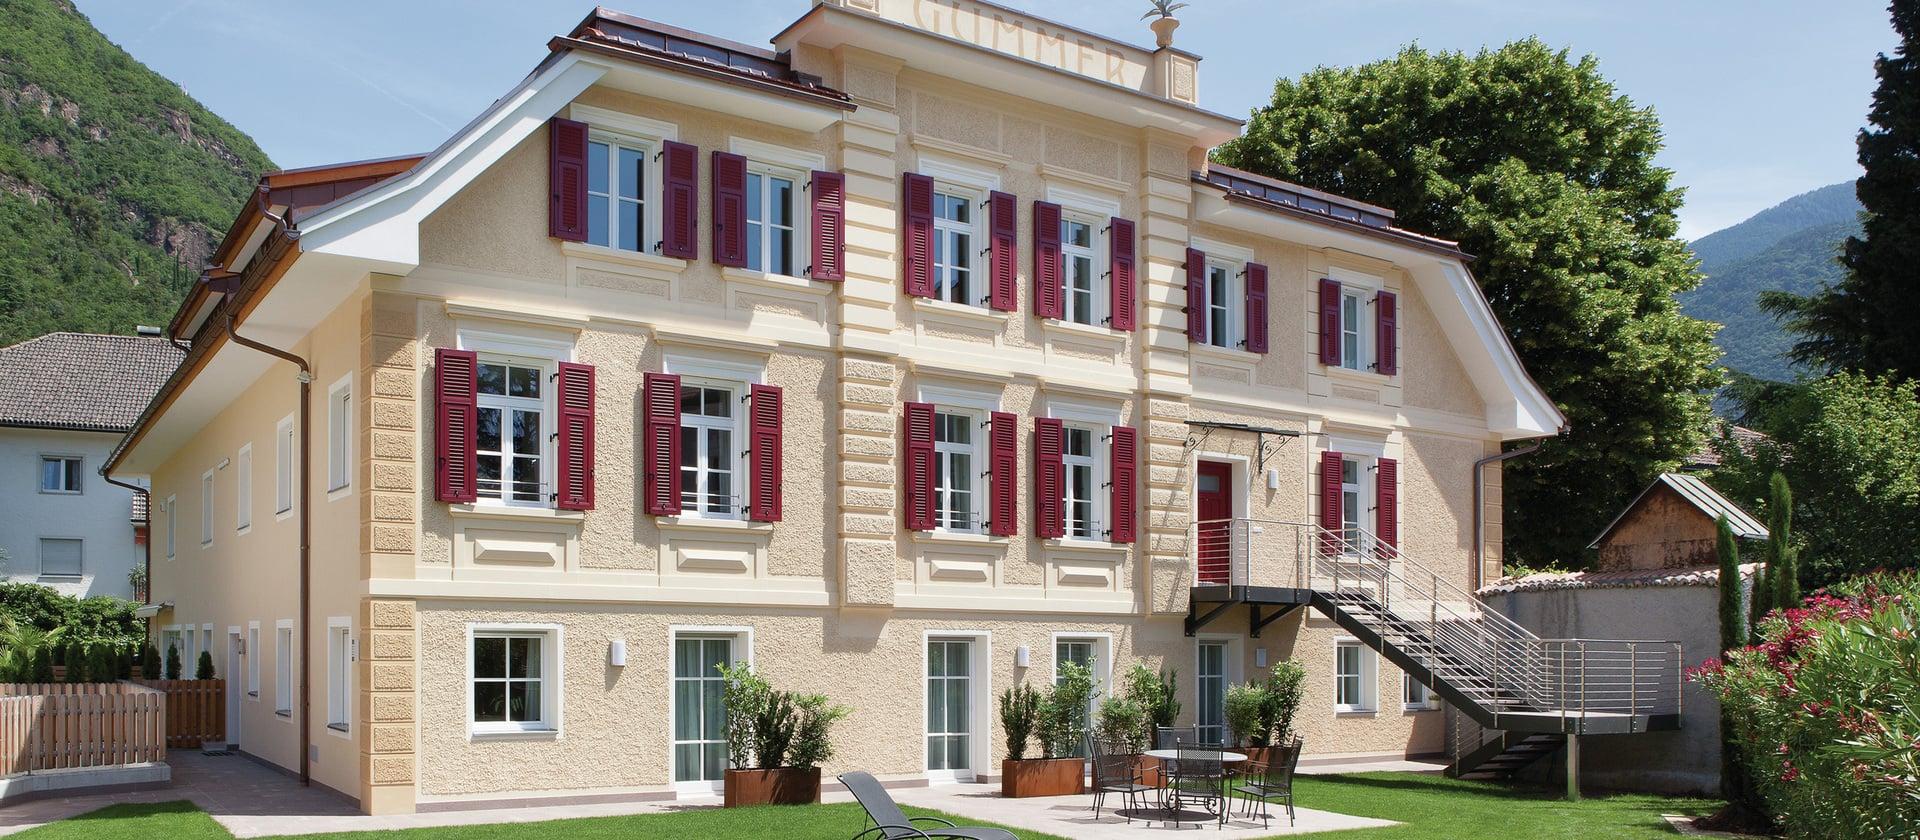 Villa in Bozen